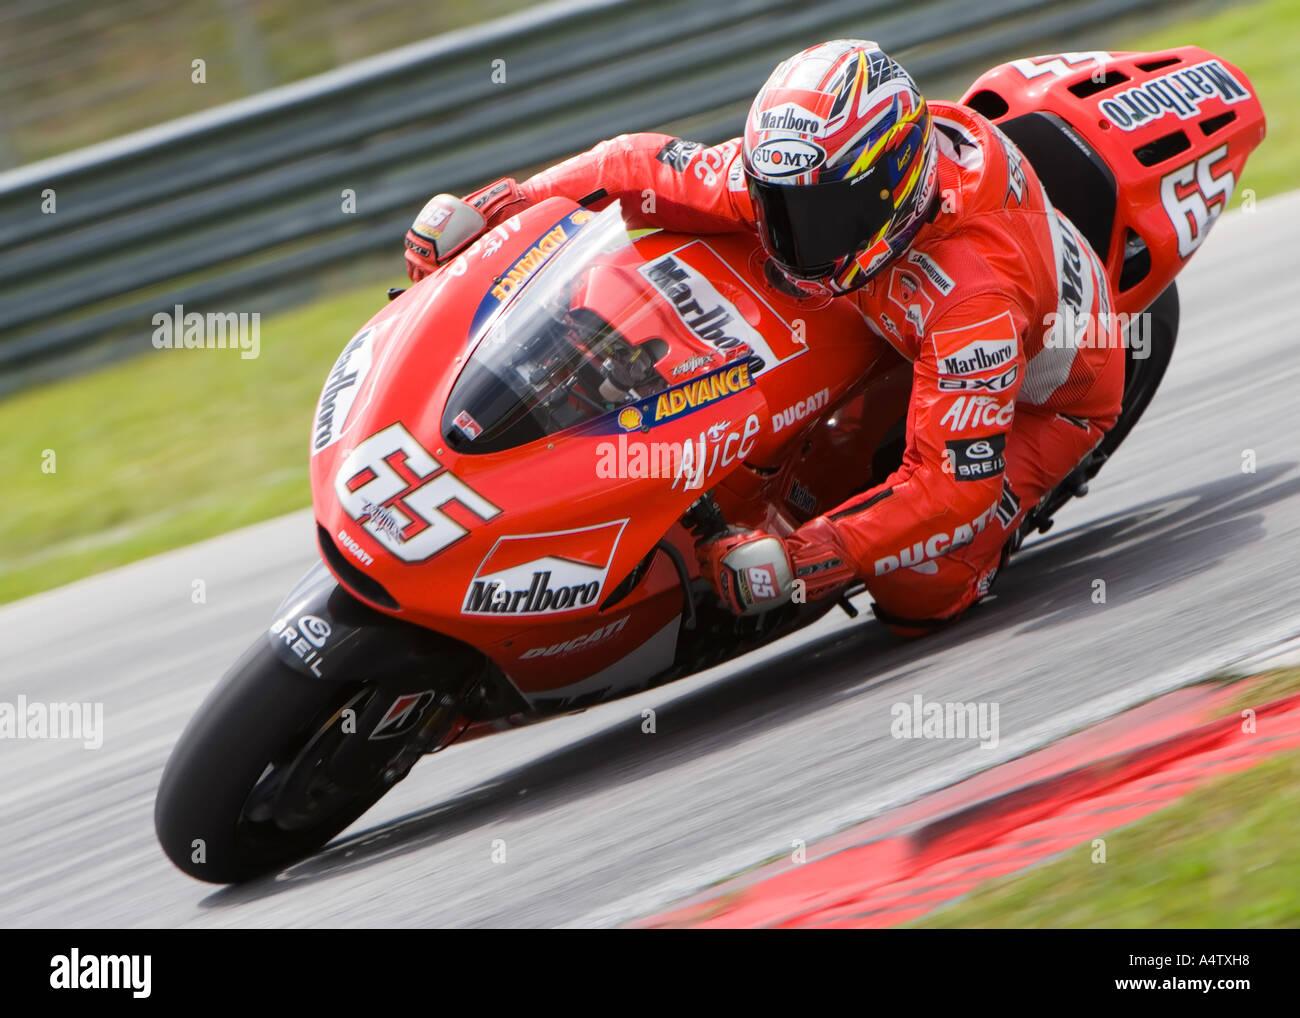 MotoGP rider Loris Capirossi racing at the Sepang International Circuit, Malaysia - Stock Image